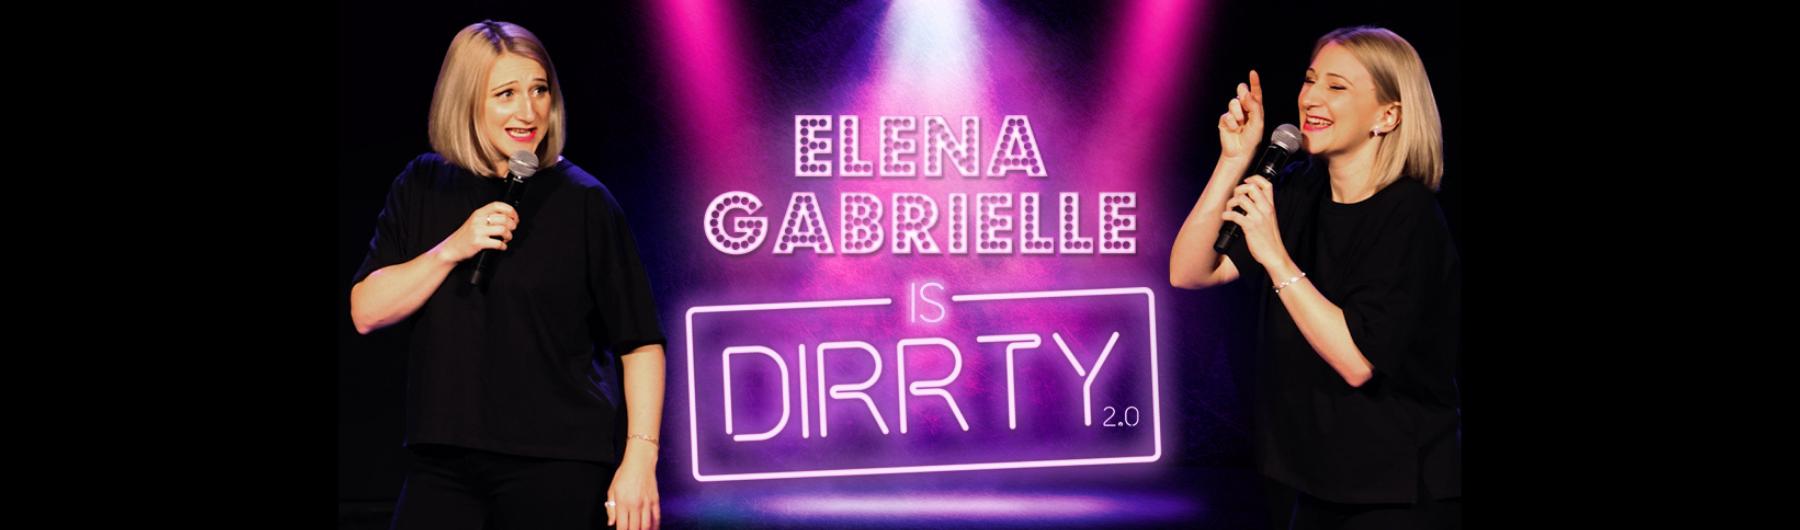 Elena Gabrielle is Dirrty - in Belfast